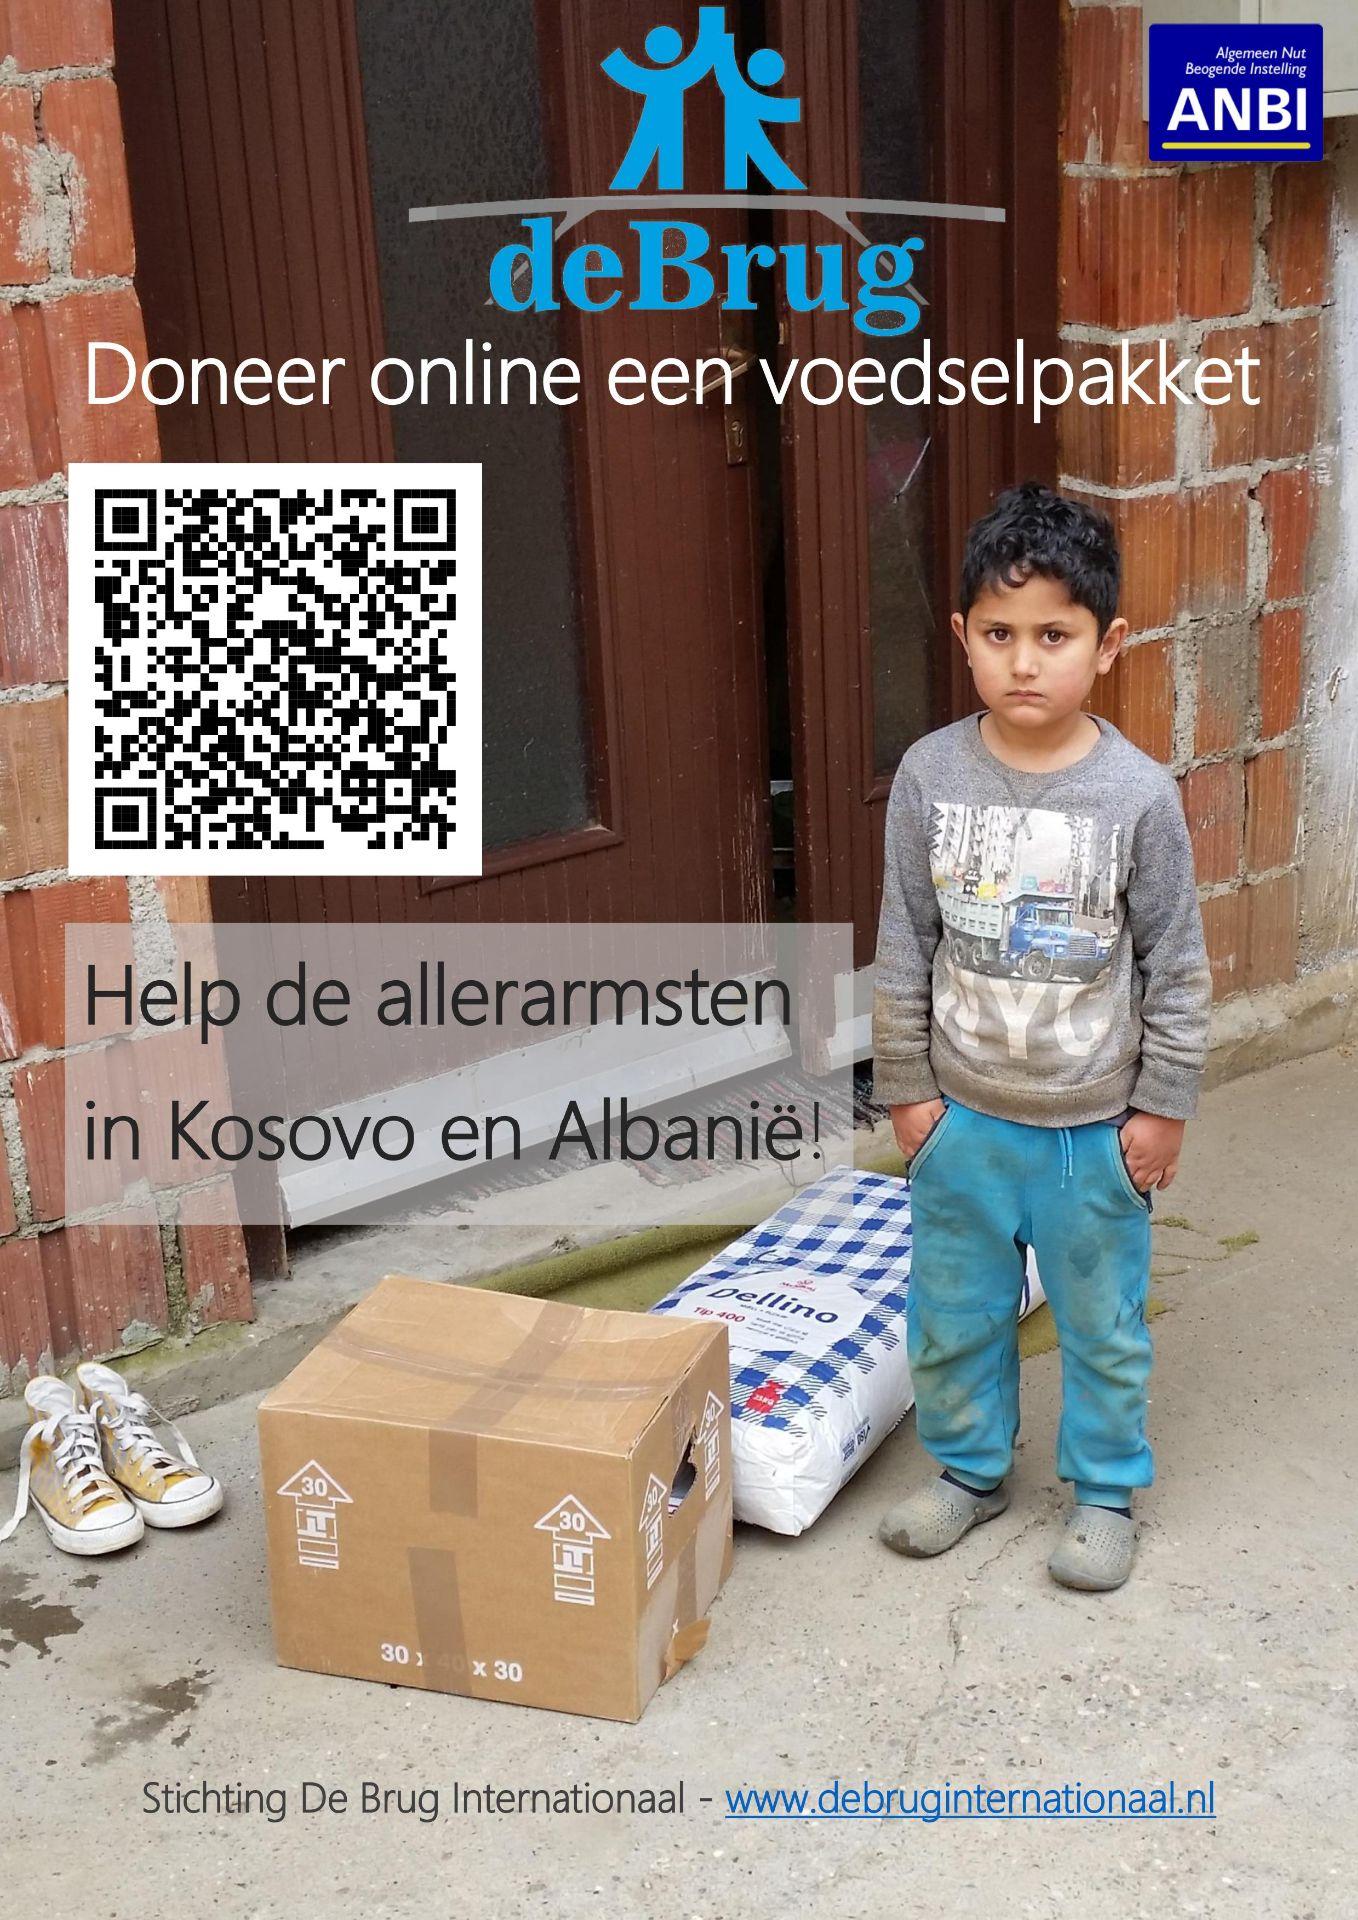 Doneer online een voedselpakket!